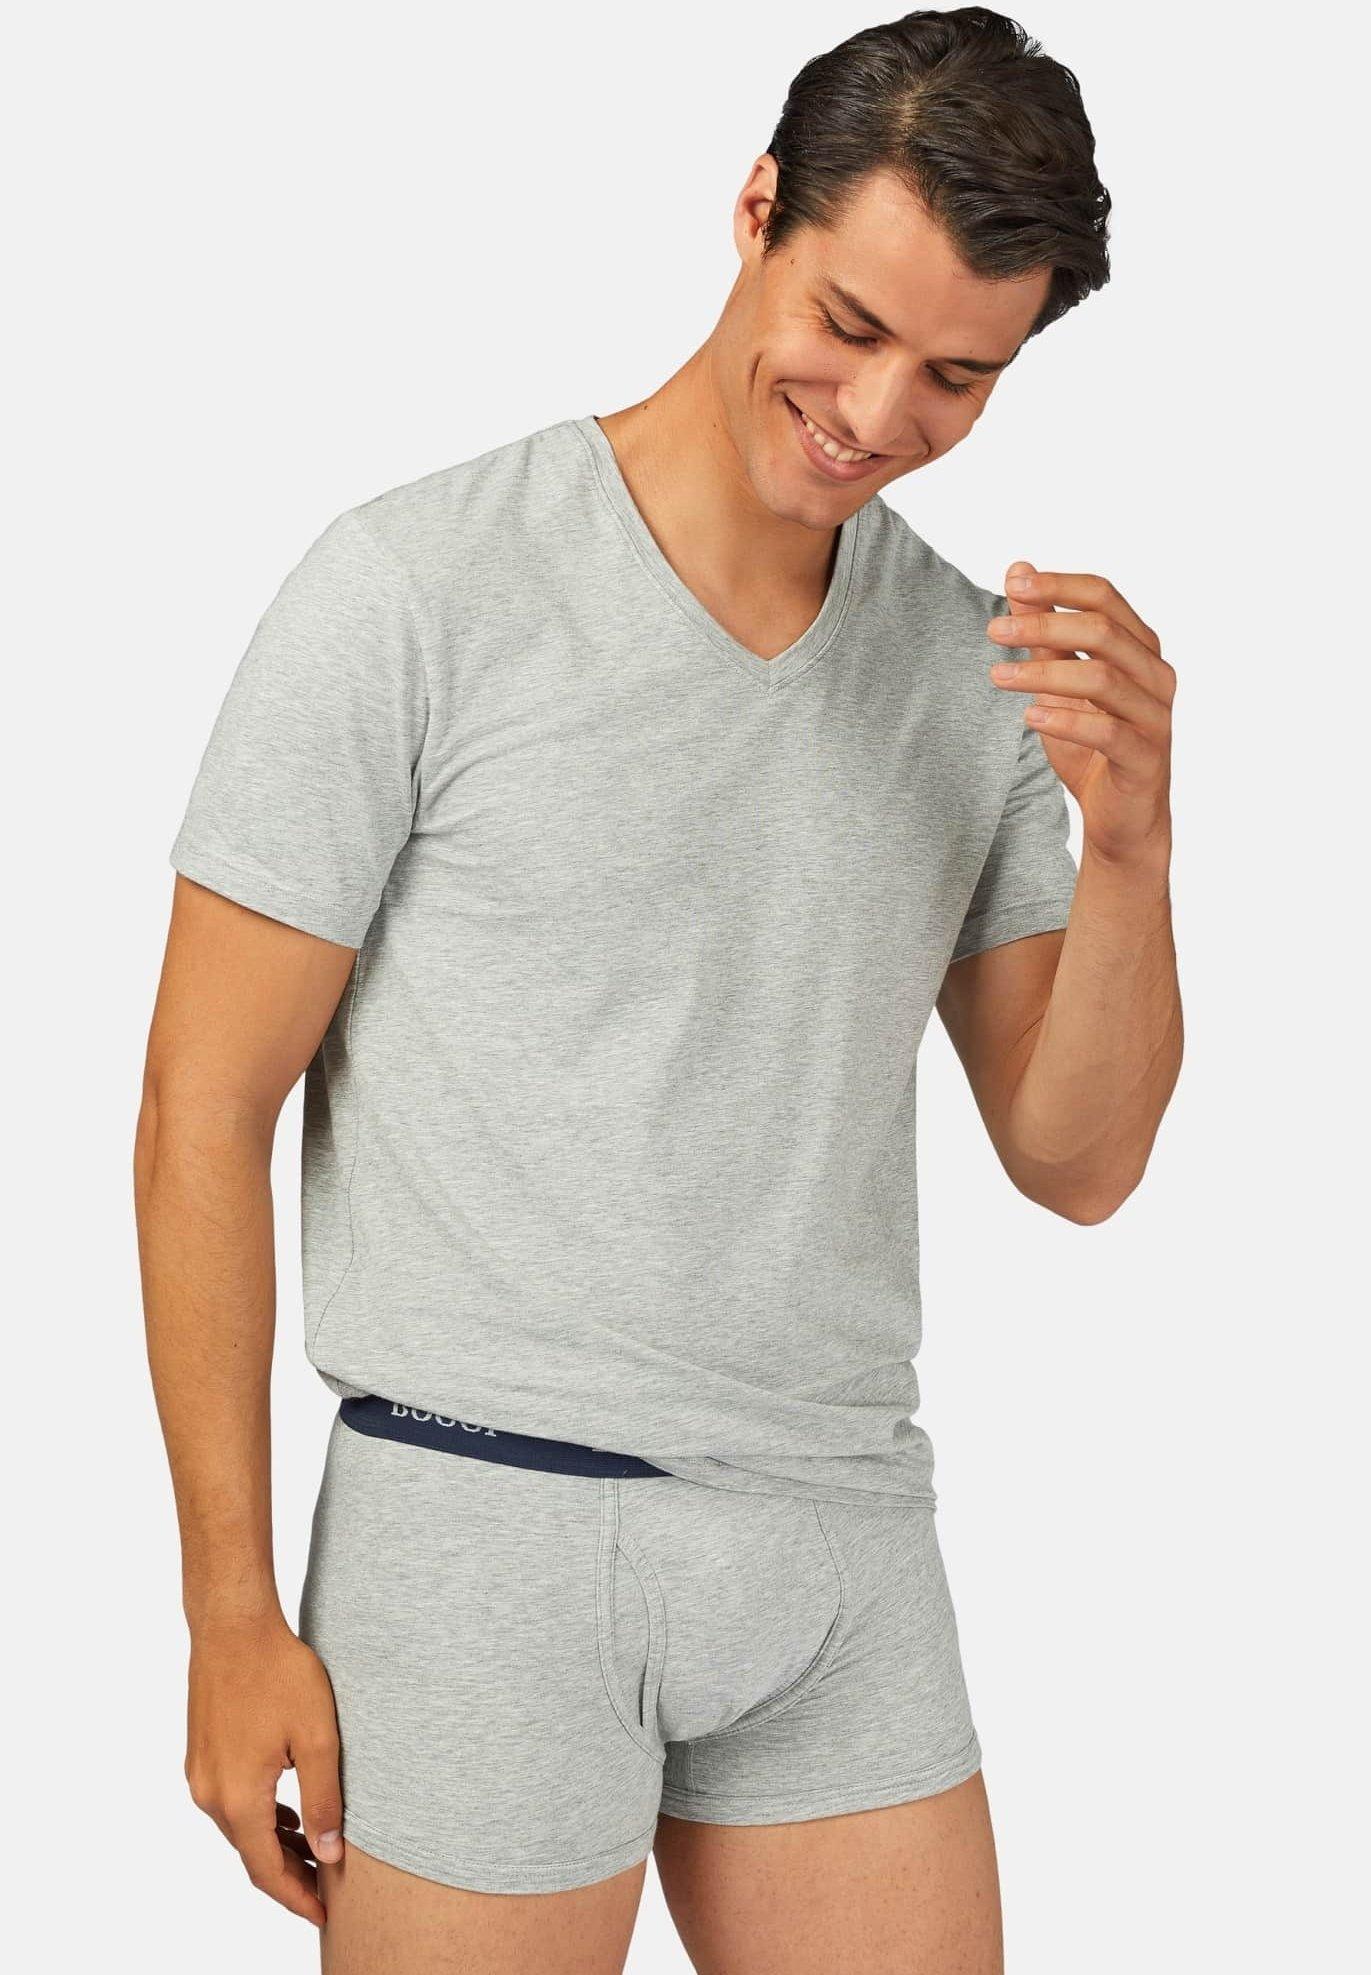 Herren SOFT STRETCH - Unterhemd/-shirt